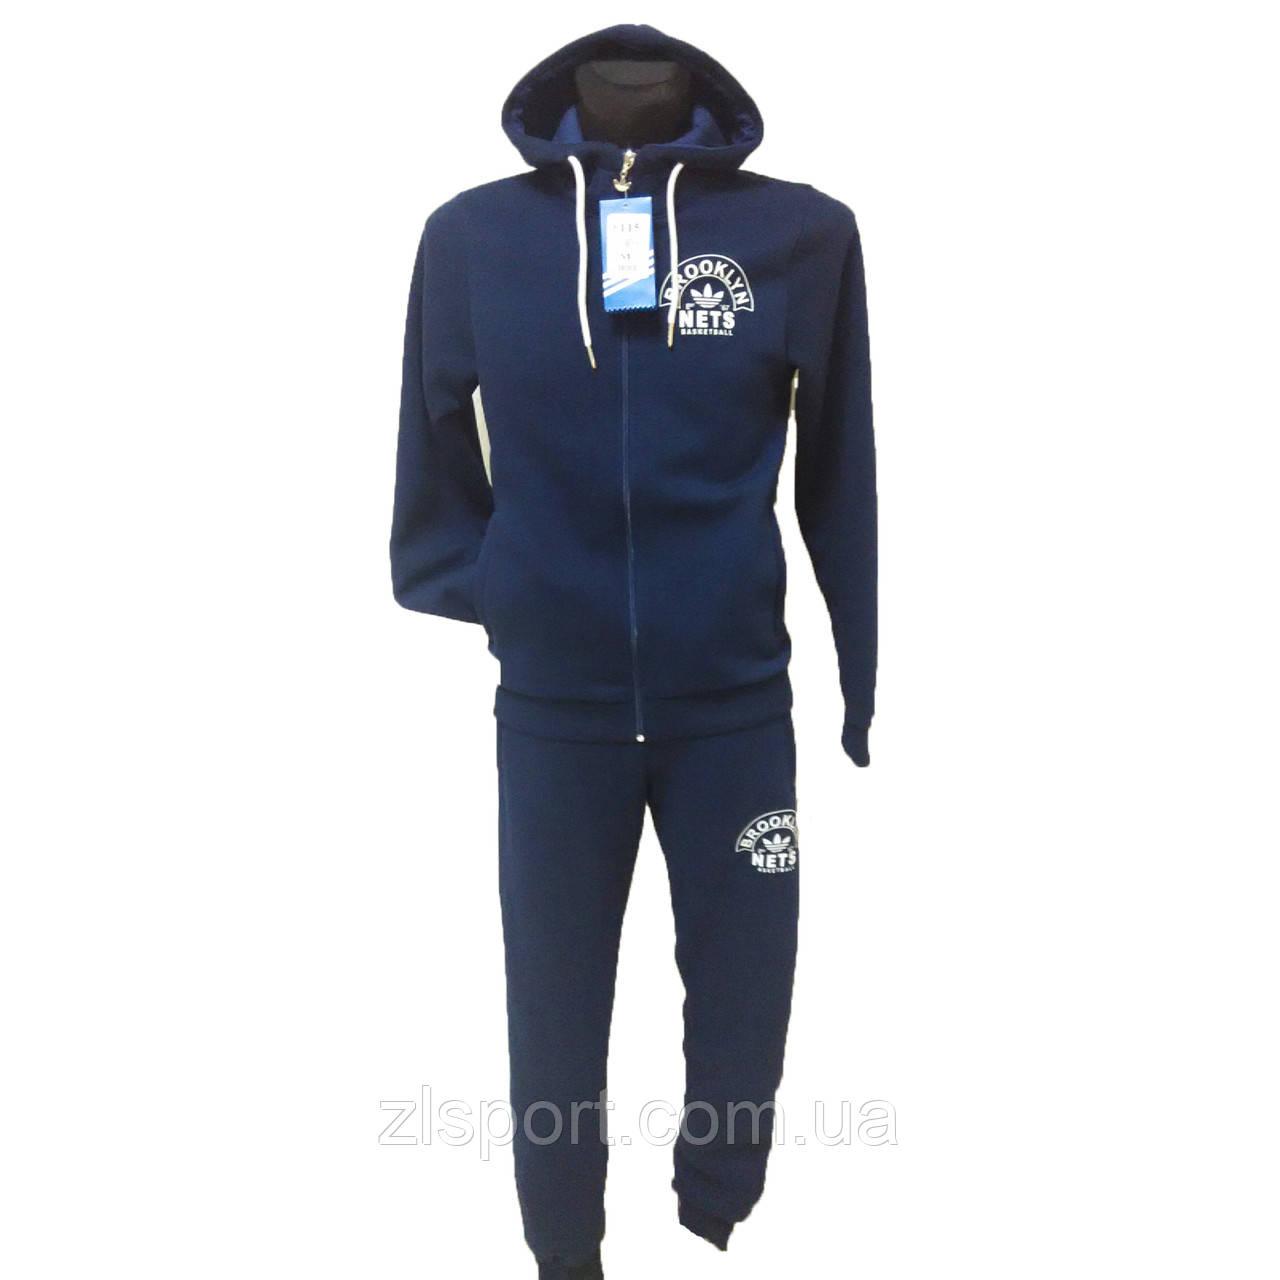 Зимний мужской спортивный костюм Adidas Brooklyn Турция - Интернет магазин спортивной  одежды